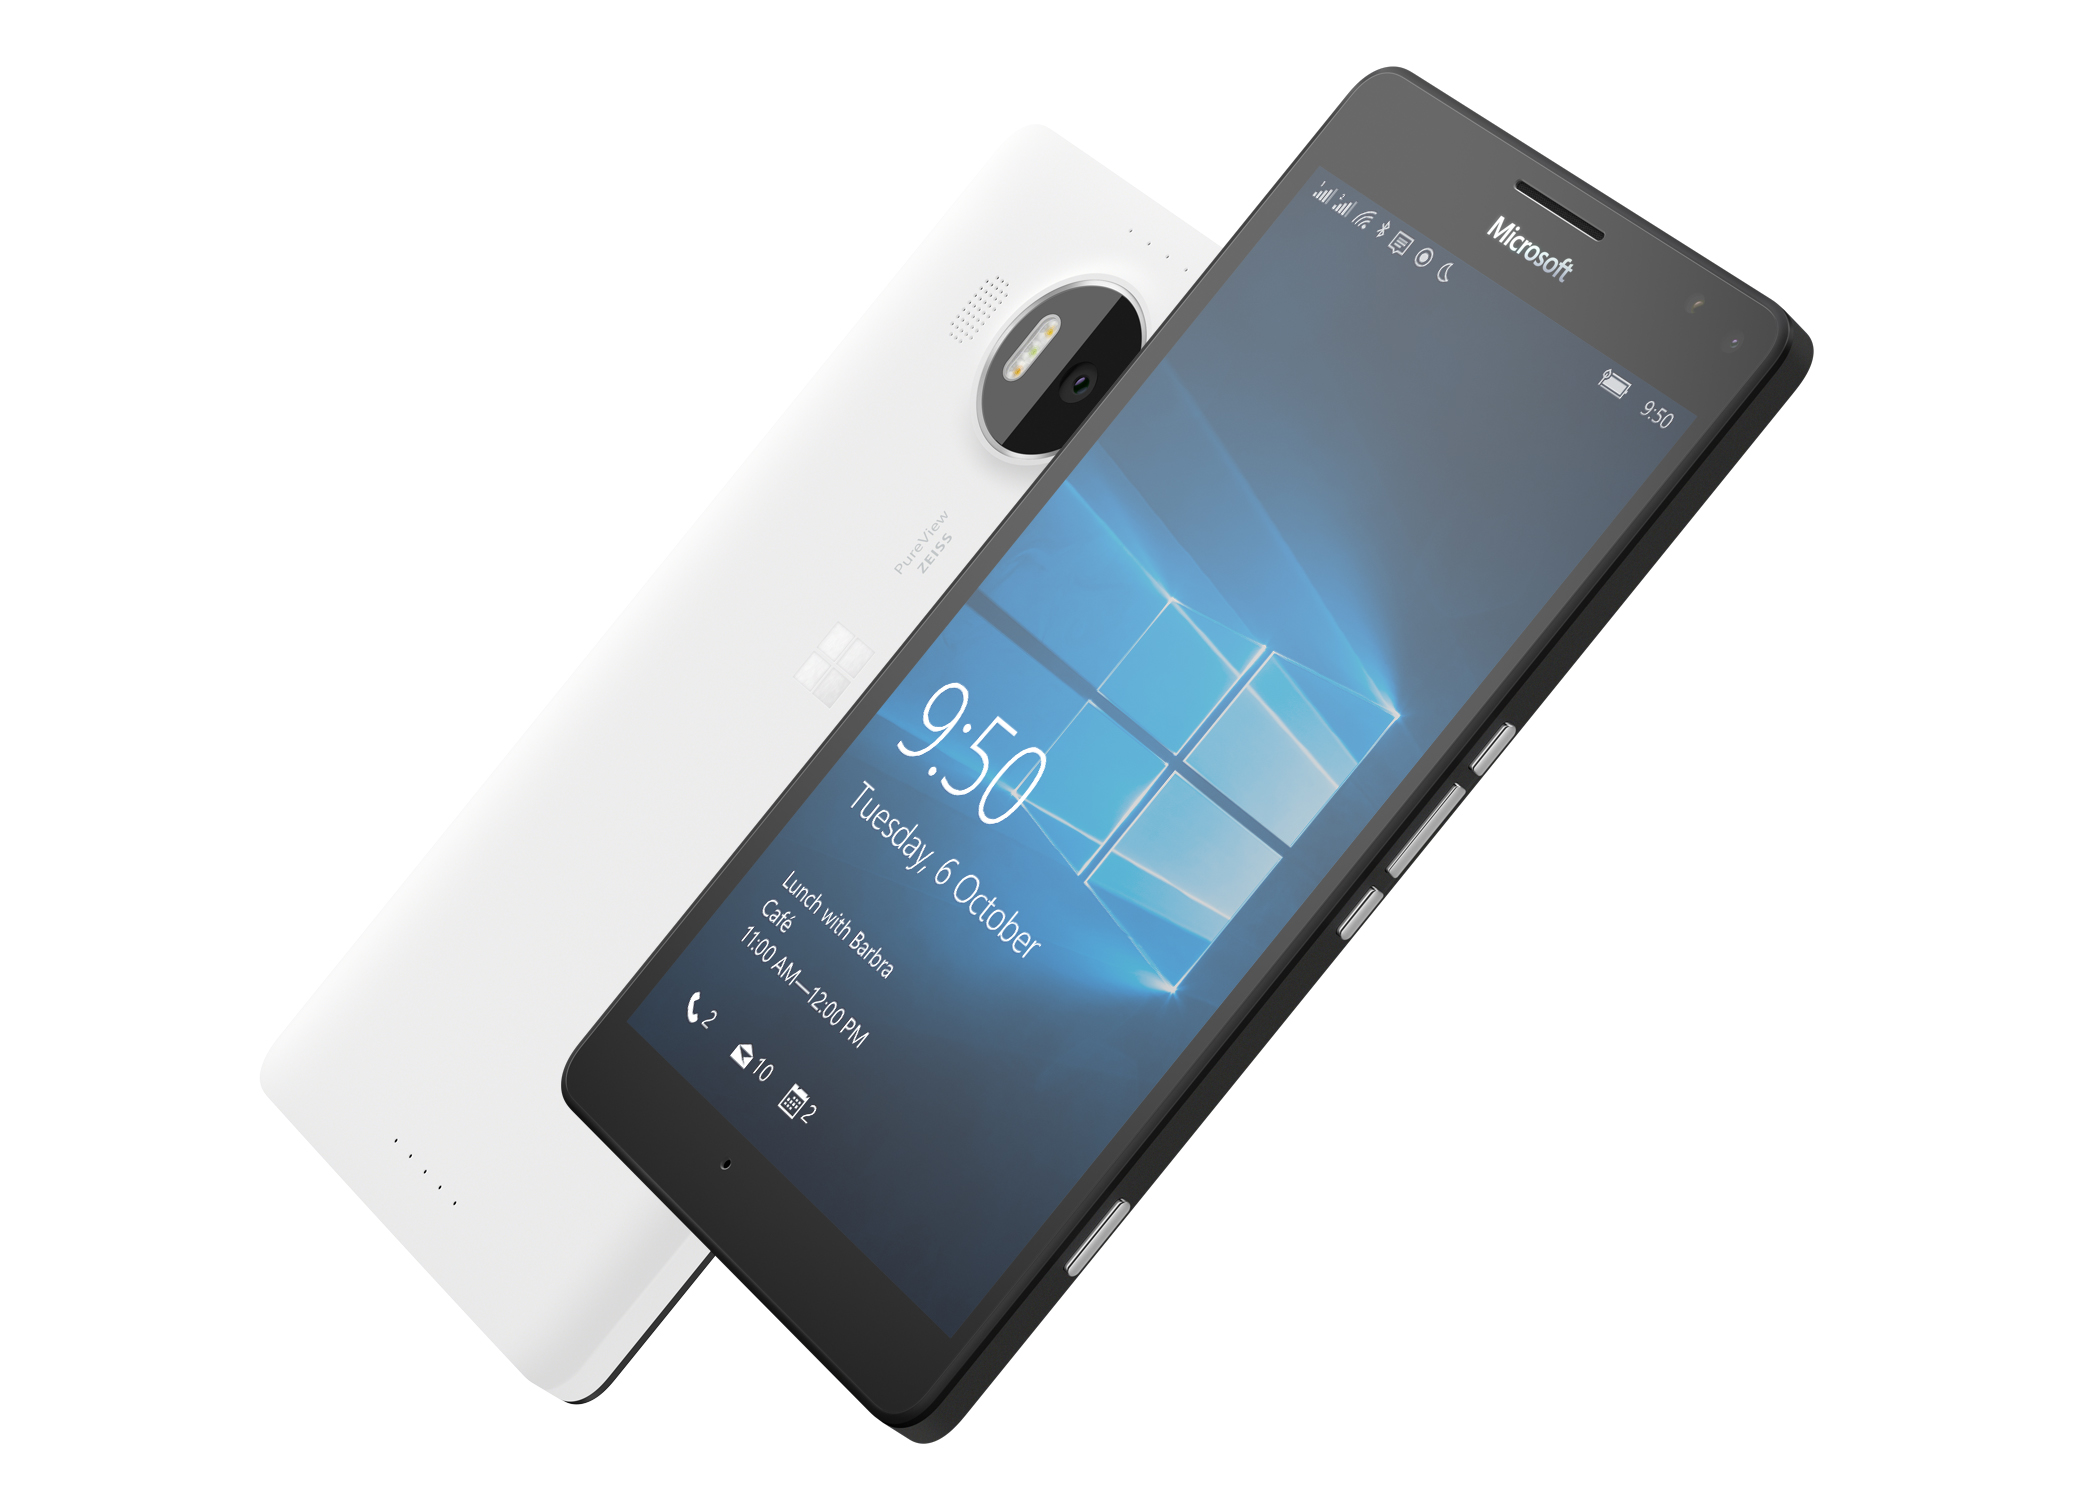 جوال مايكروسوفت Lumia 950 Dual SIM